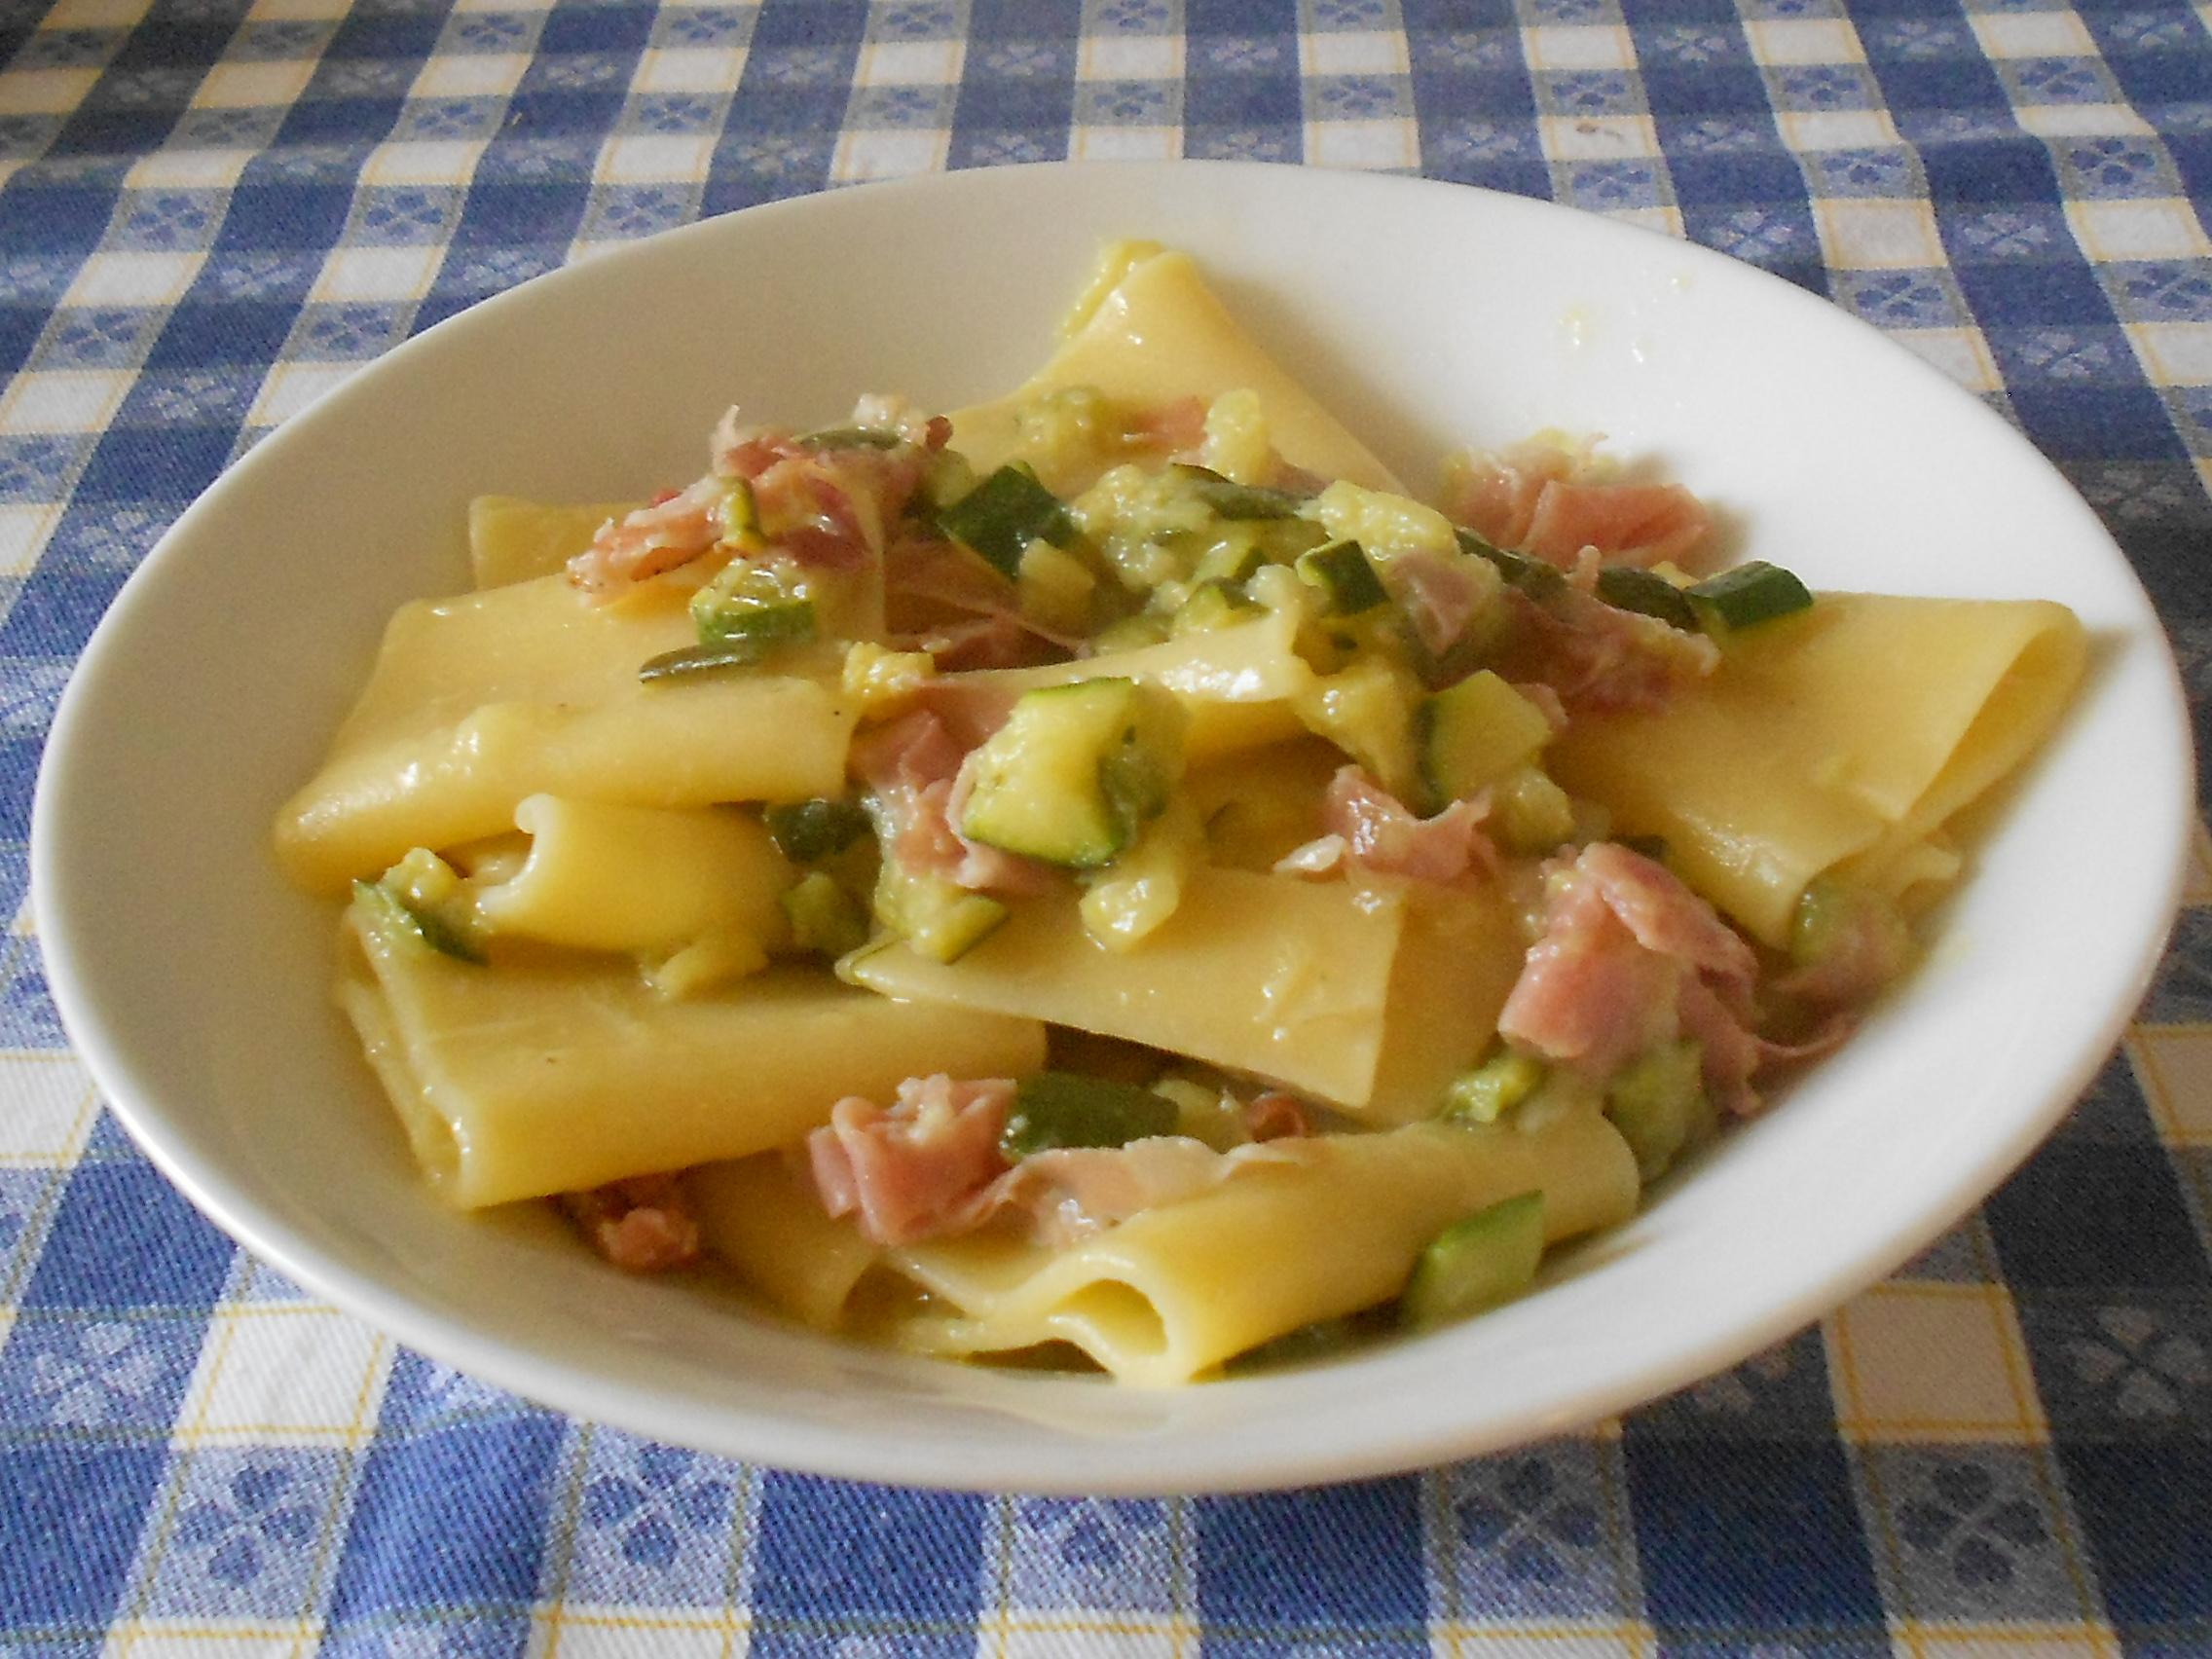 Ricerca ricette con paccheri zola e speck for Siti di ricette cucina